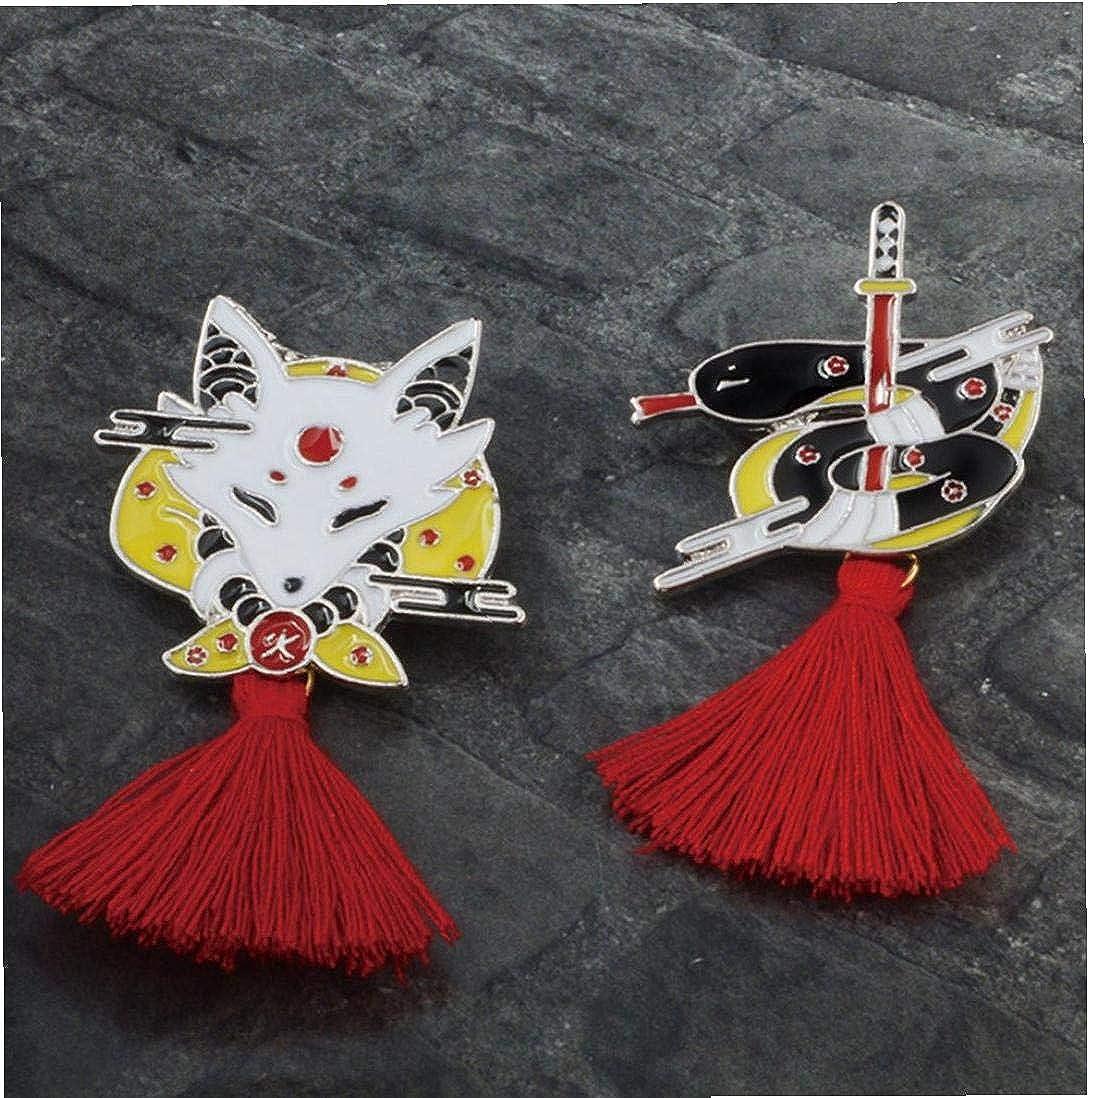 Aisoway Maschio Forma Spilla Colourful Nappa Spilla Spilla di Favori Ragazze di Partito